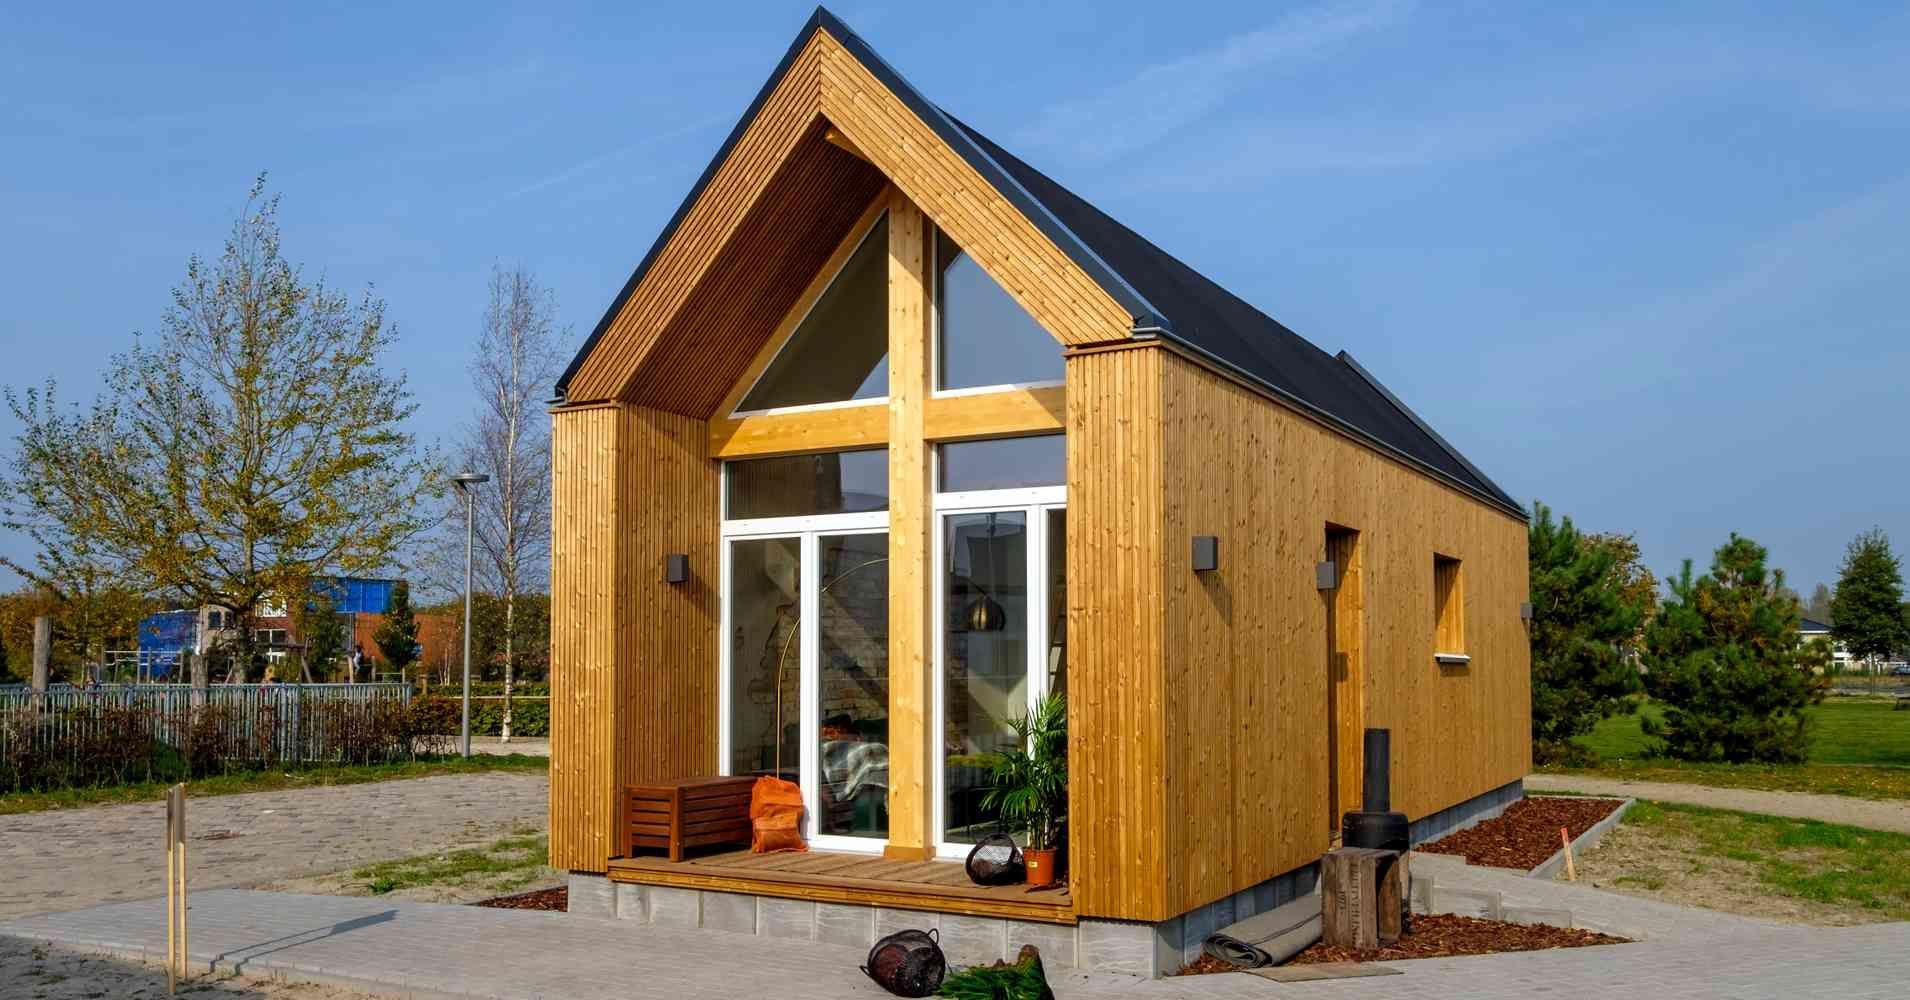 Tiny House Kaufen Modelle Und Preise In 2020 Gunstiges Haus Hinterhof Kleines Zuhause